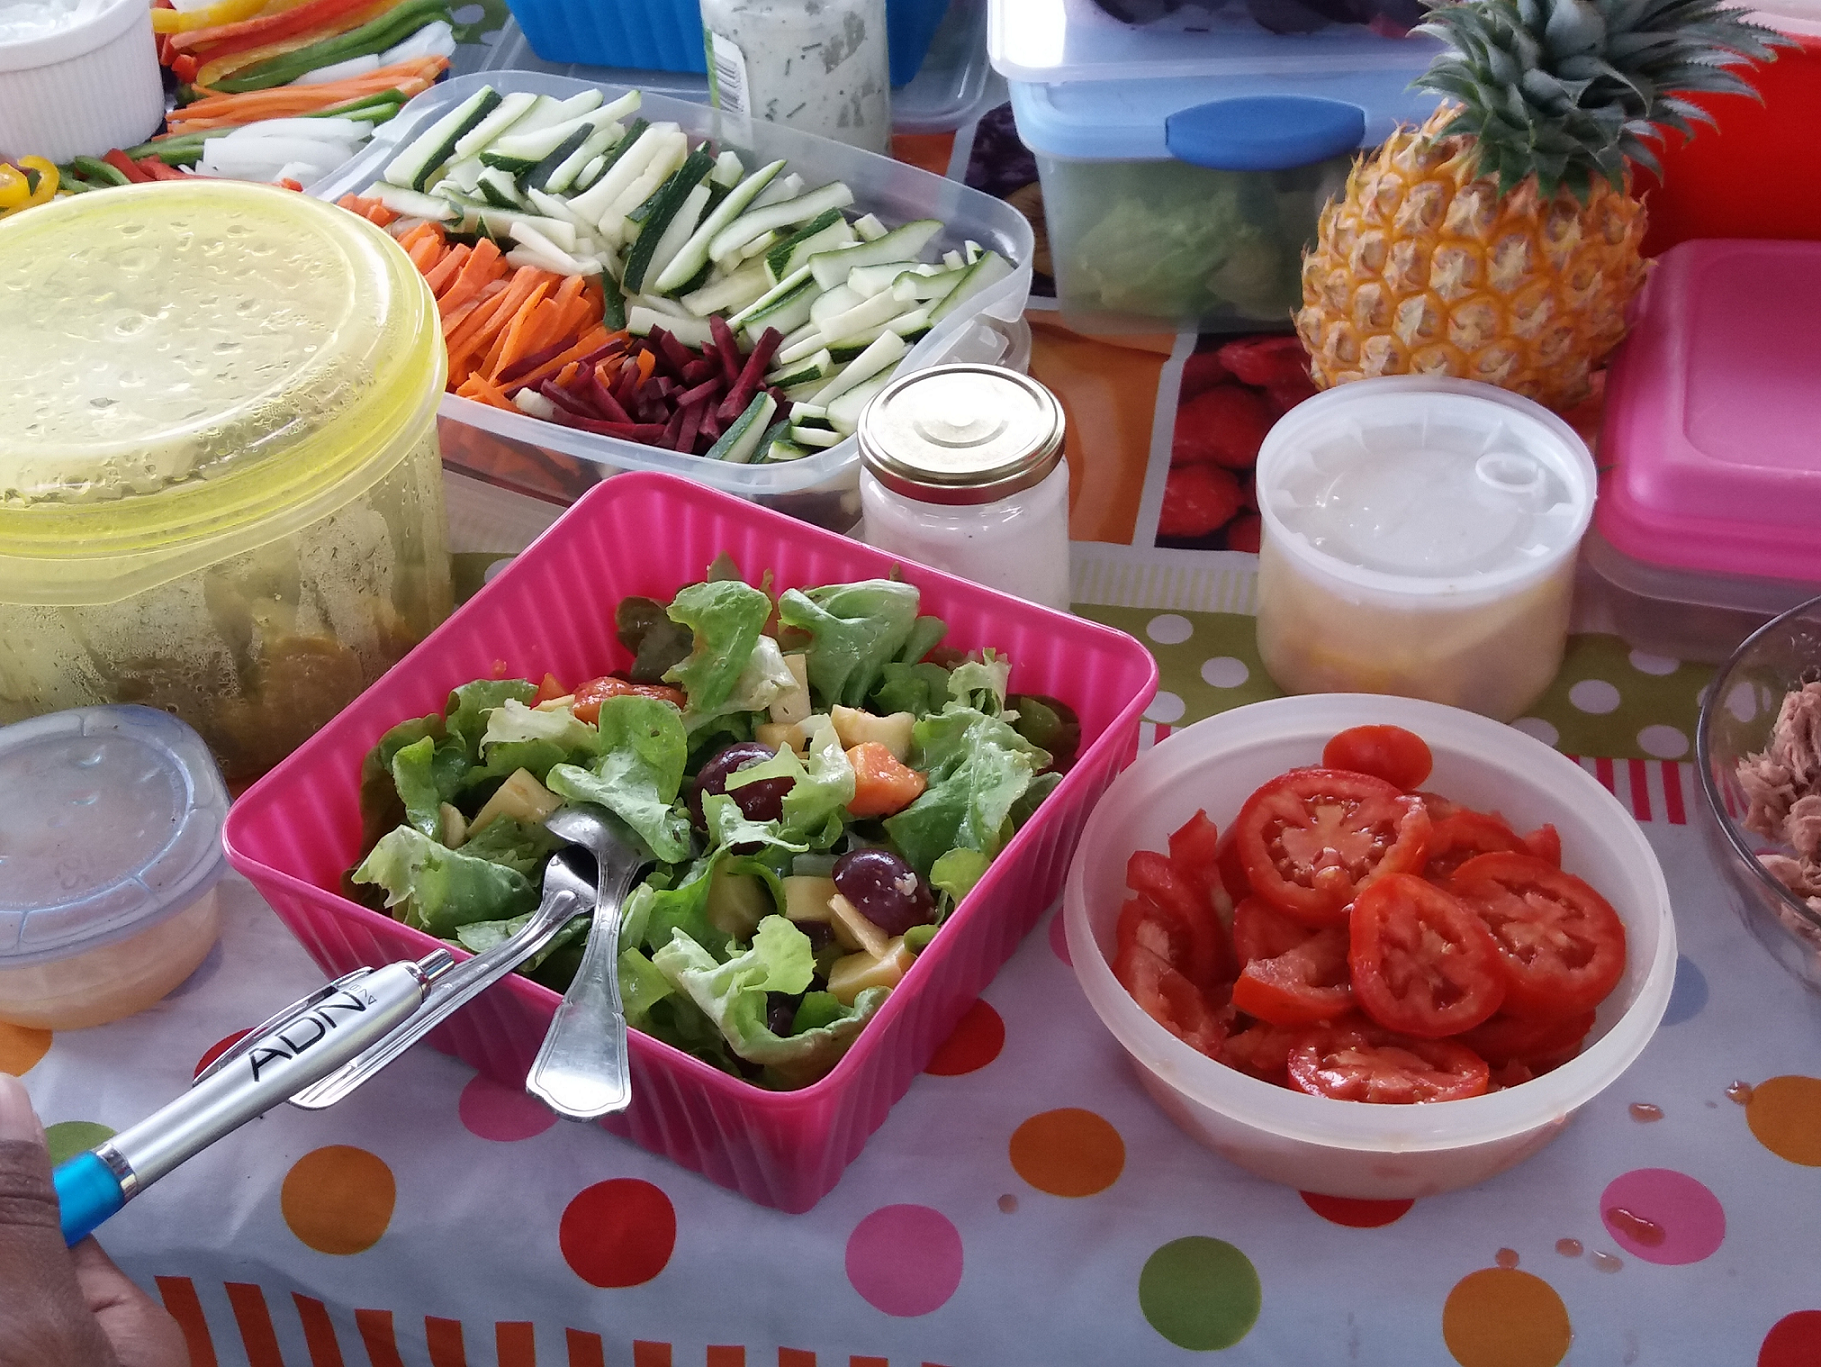 14 novembre « La santé dans l'assiette » :  vivre bien et longtemps avec son diabète